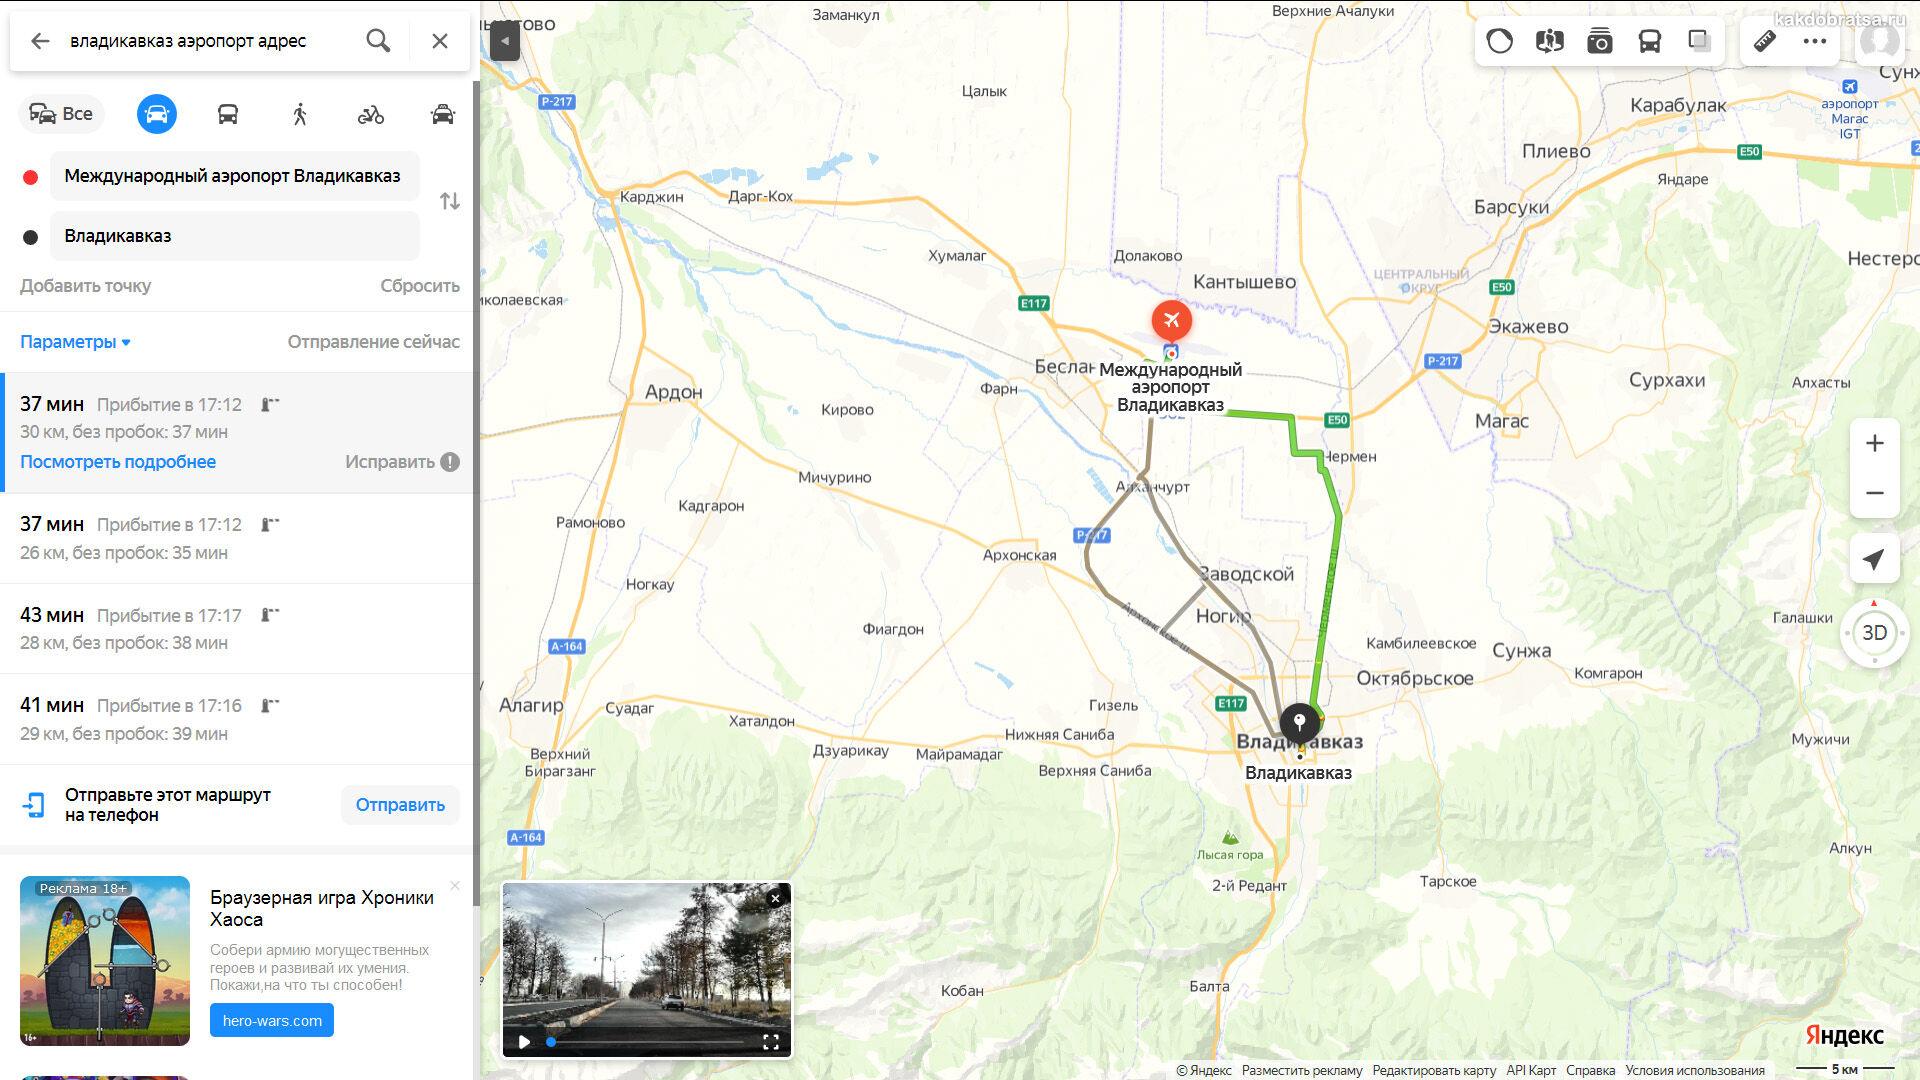 Международный аэропорт Владикавказ – Беслан на карте